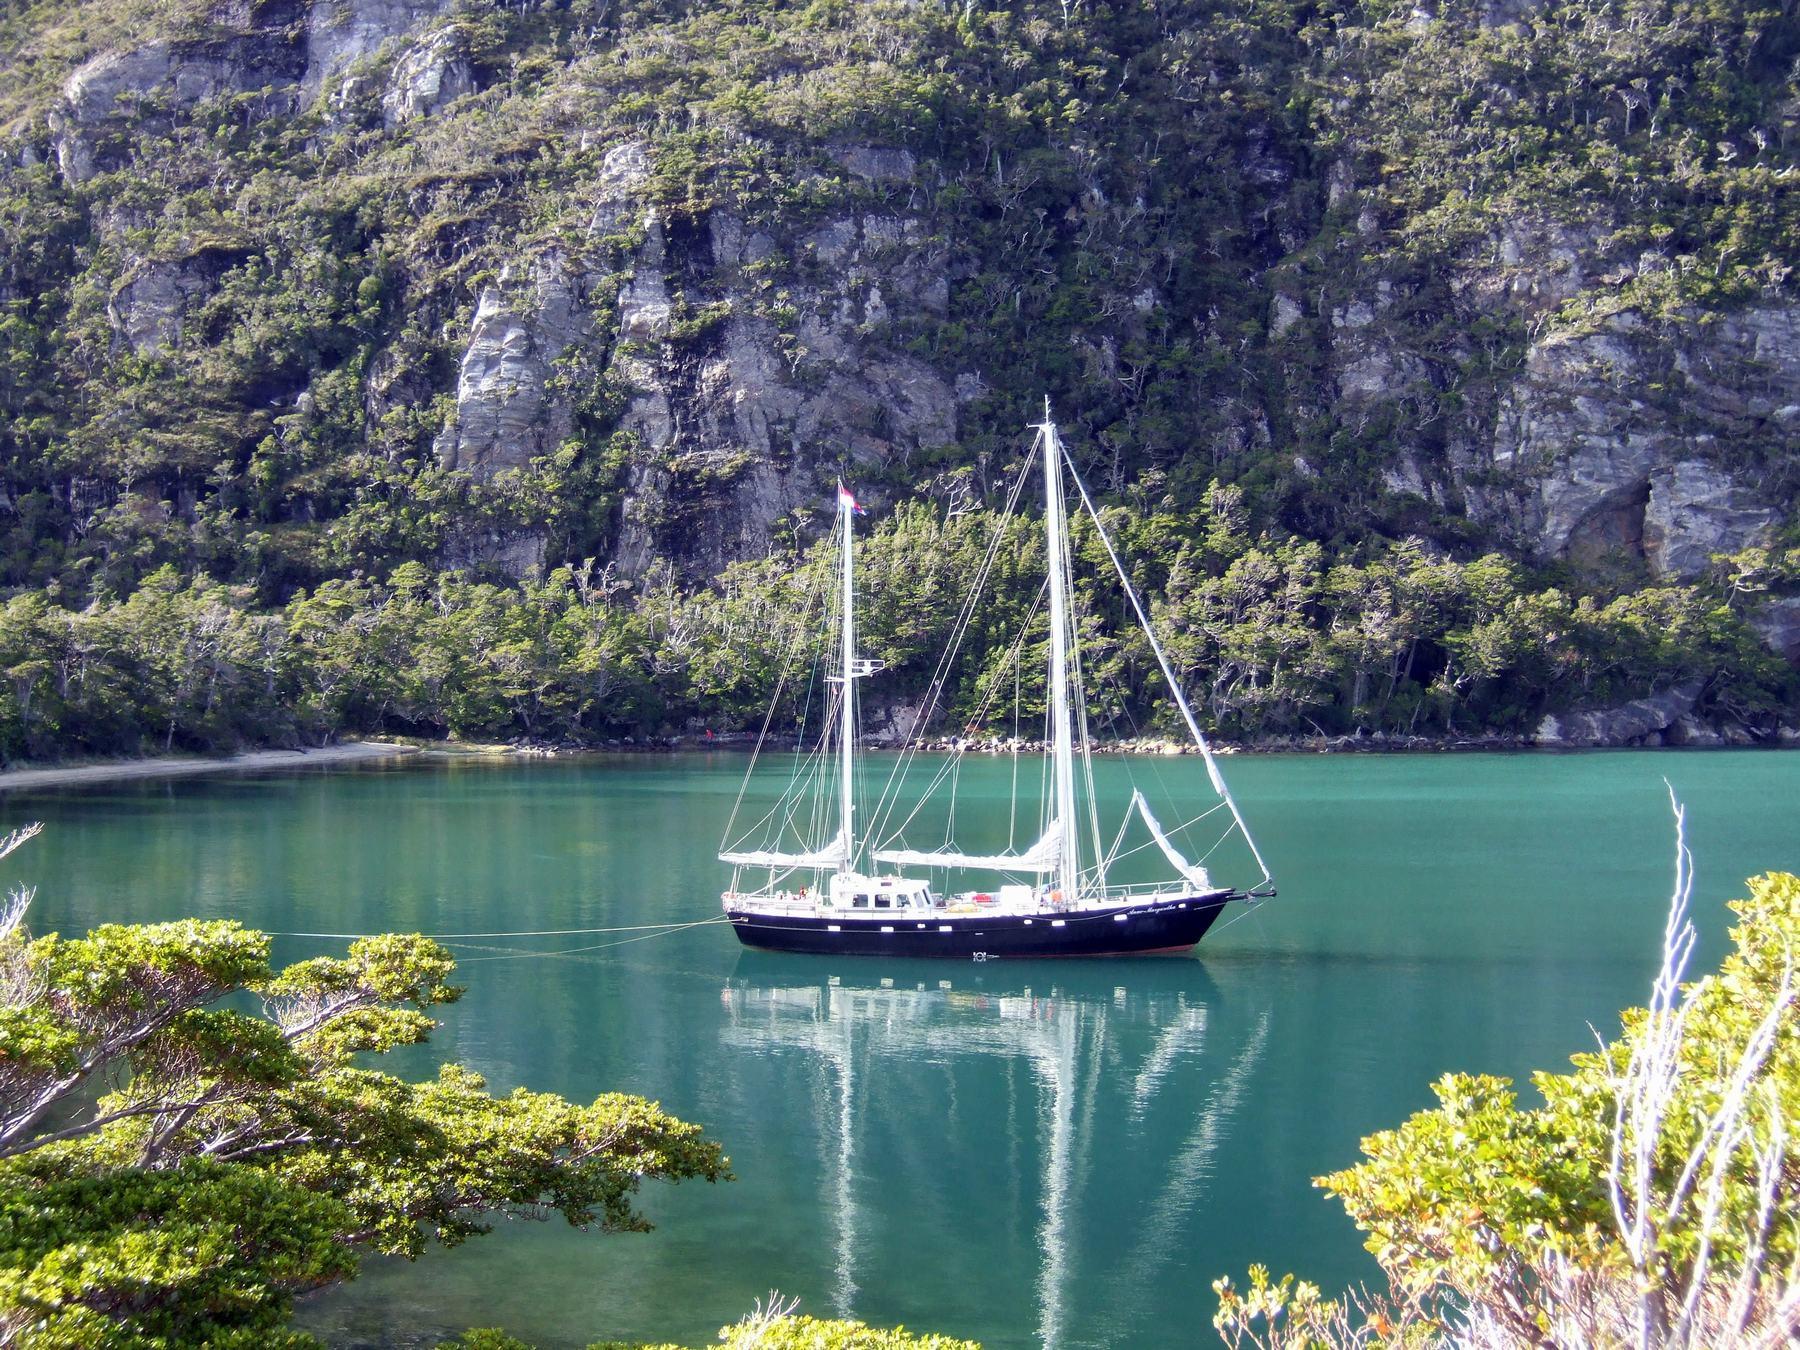 Patagonie expédition en voilier avec Anne-Margaretha